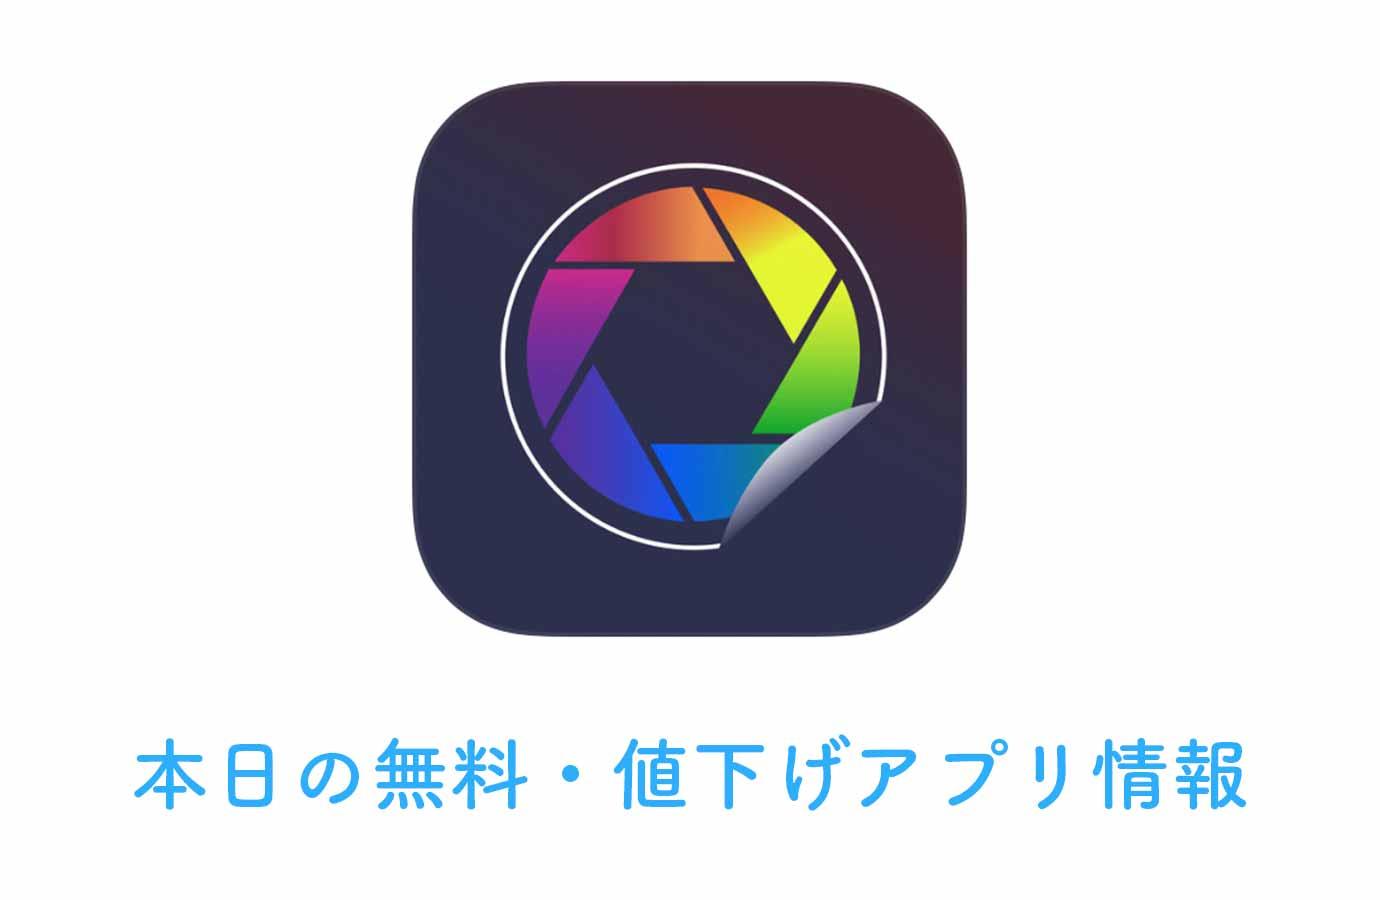 【240円→無料】写真にカワイイ文字ステッカーを追加できる「PalPic」など【2/20】本日の無料・値下げアプリ情報